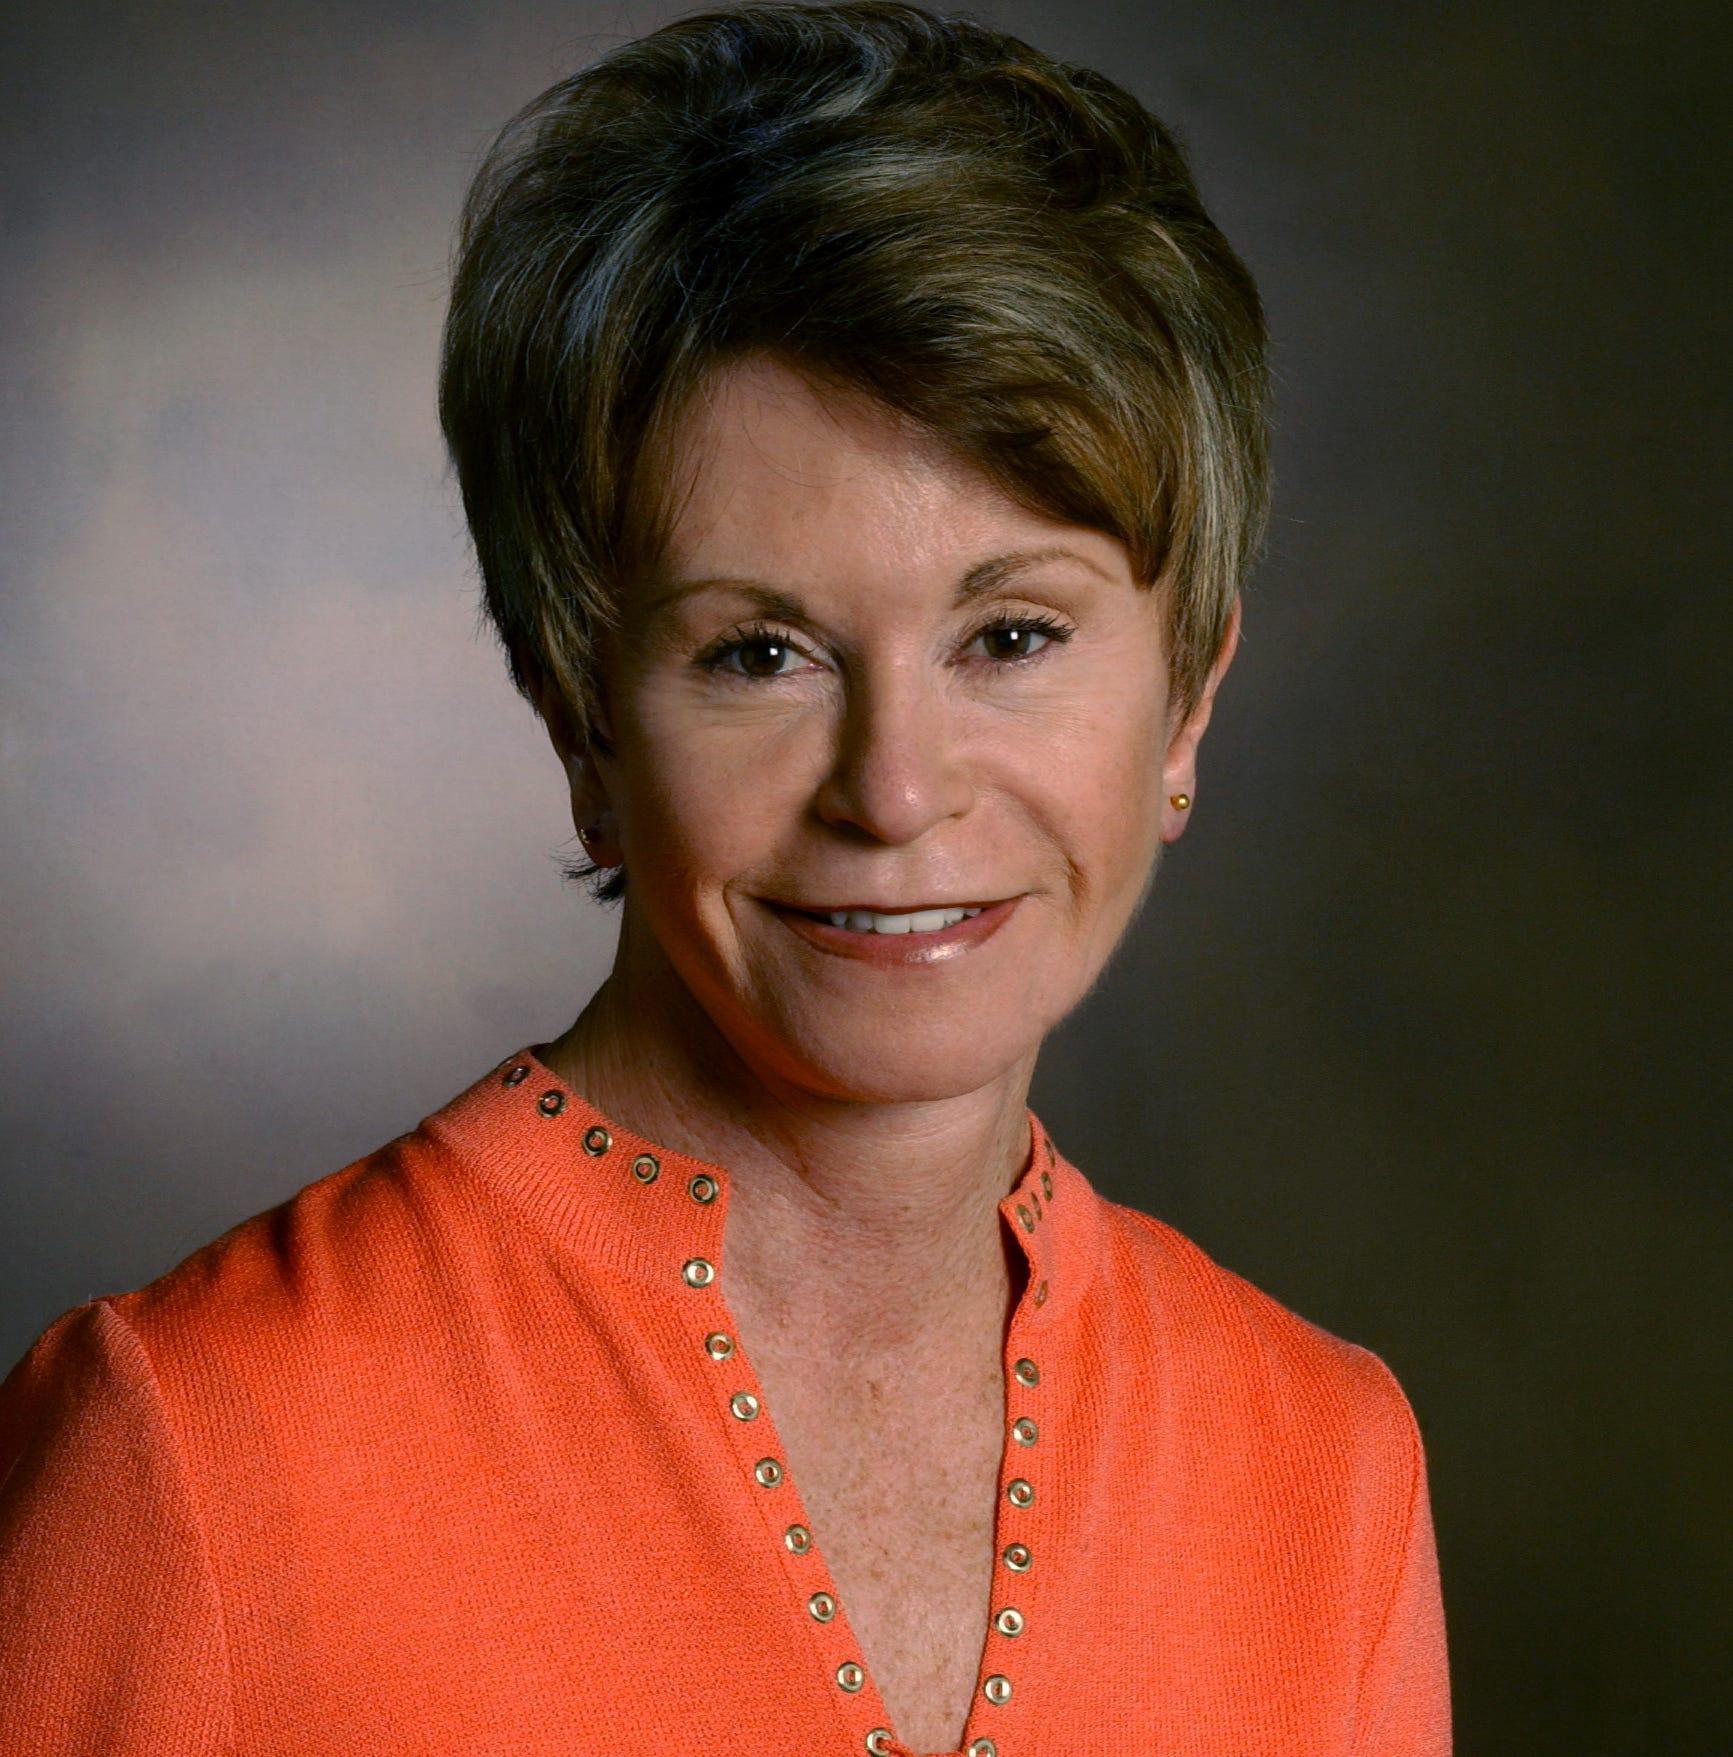 Colleen M. Conway-Welch, former Vanderbilt nursing dean, dies at 74